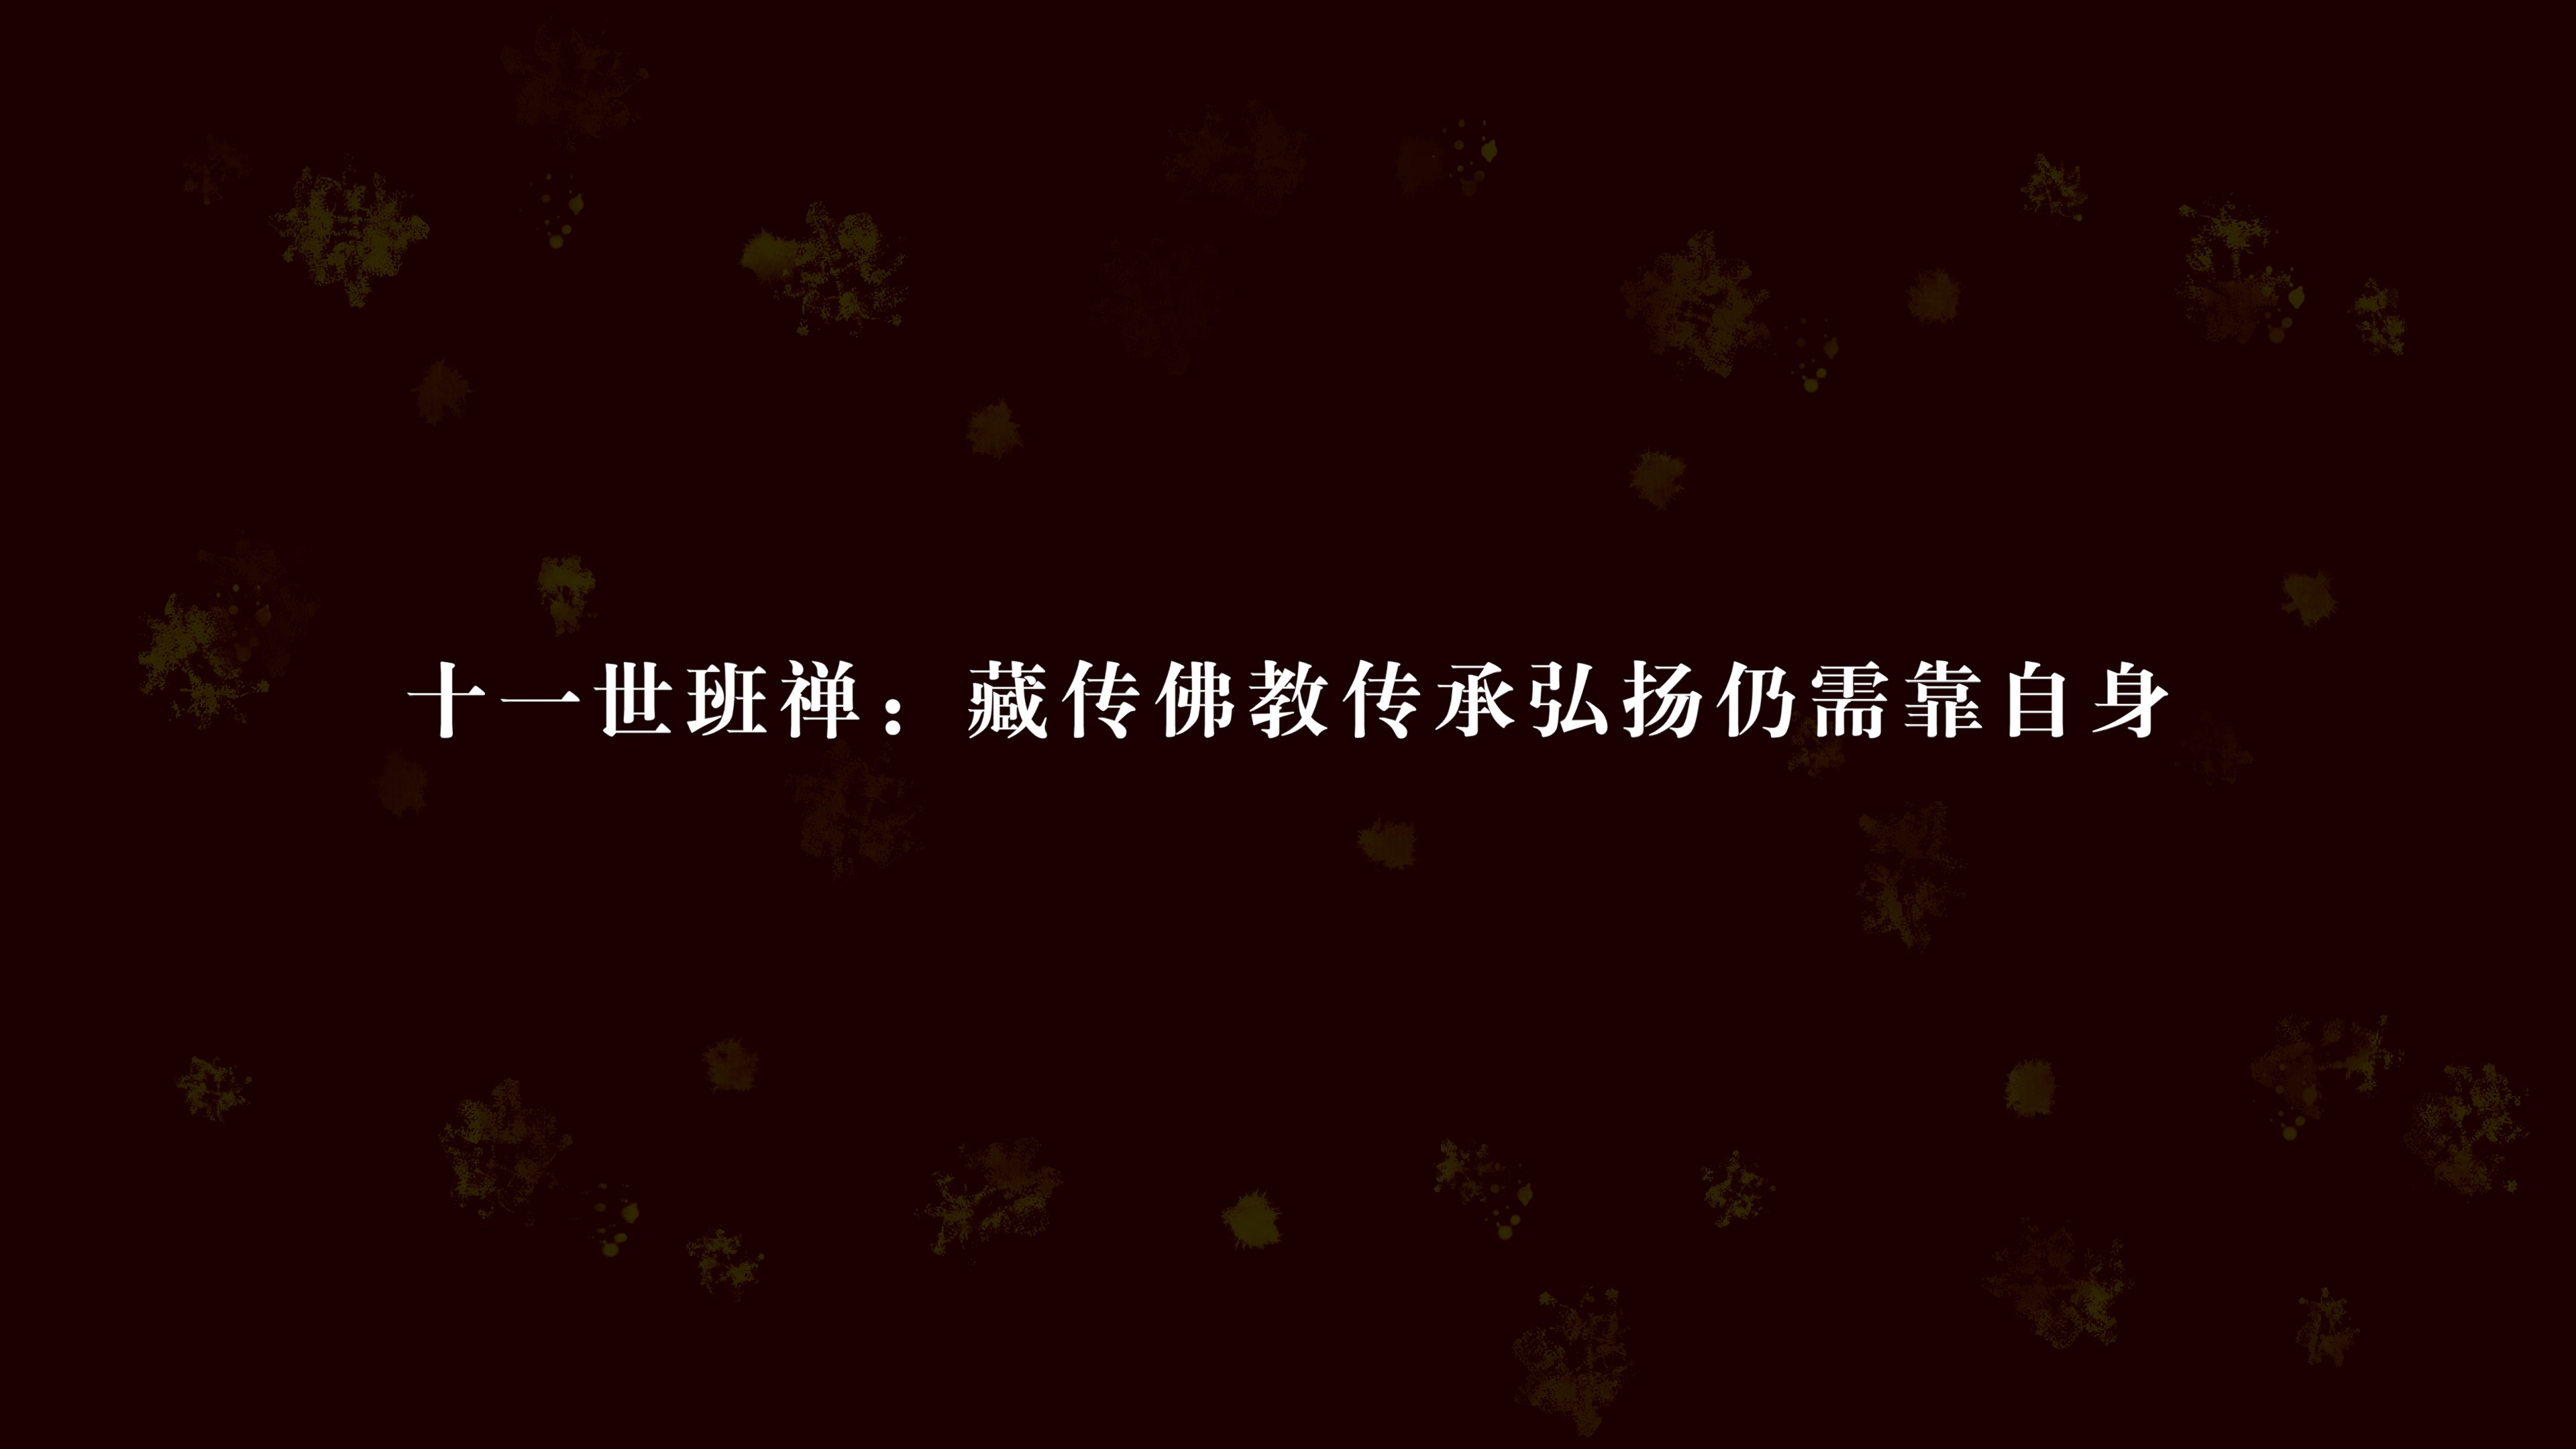 十一世班禅:藏传佛教传承弘扬仍需靠自身